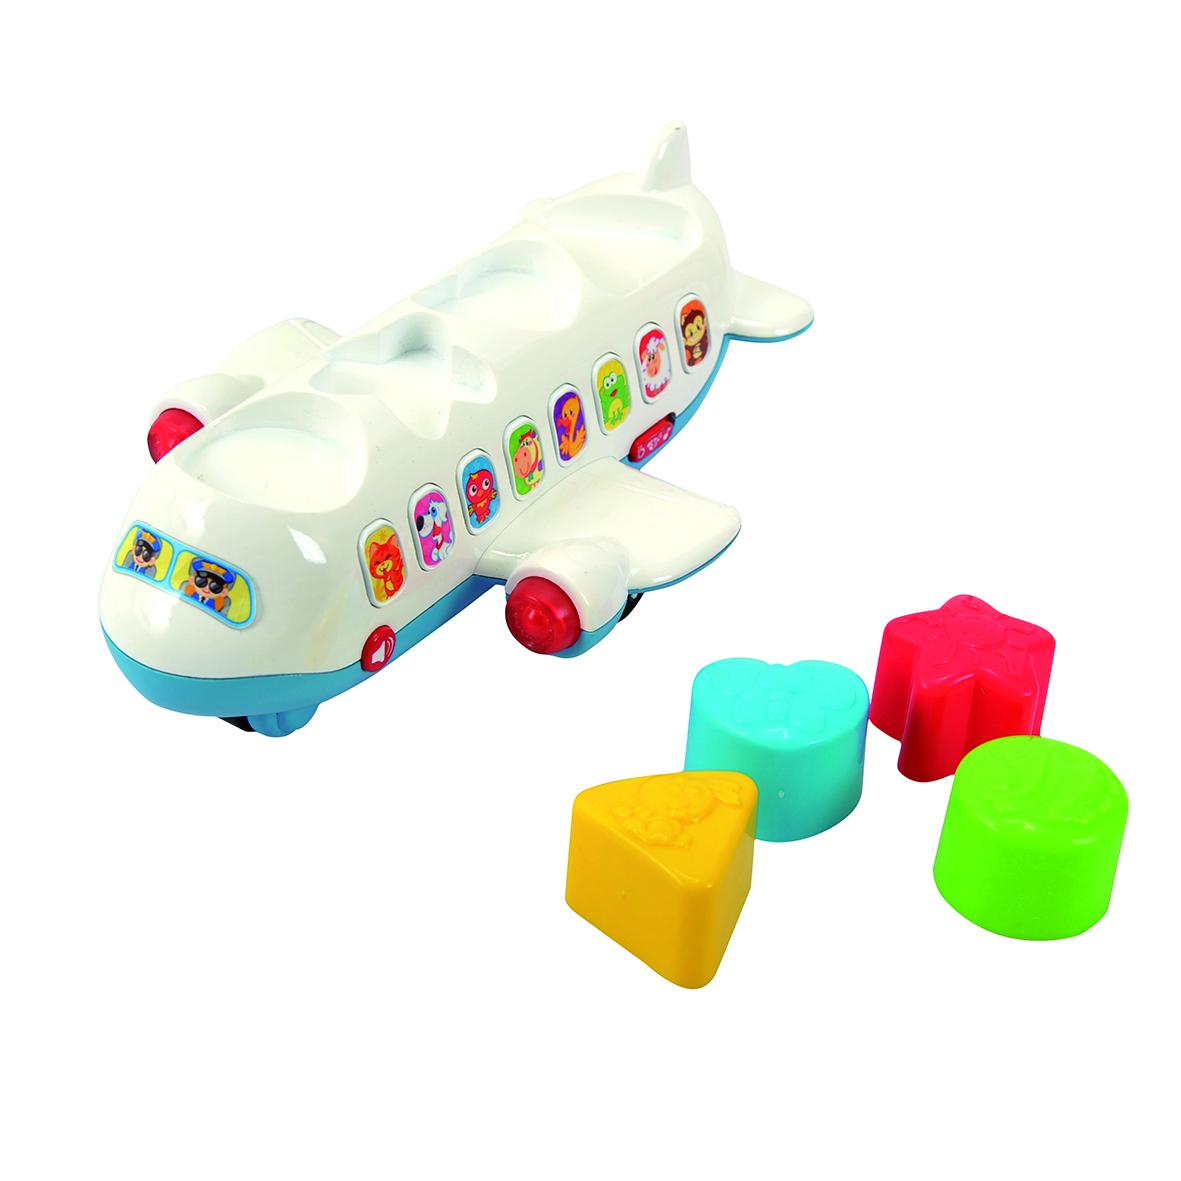 Playgo Развивающая игрушка Самолет-сортер сортеры playgo развивающая игрушка самолет сортер